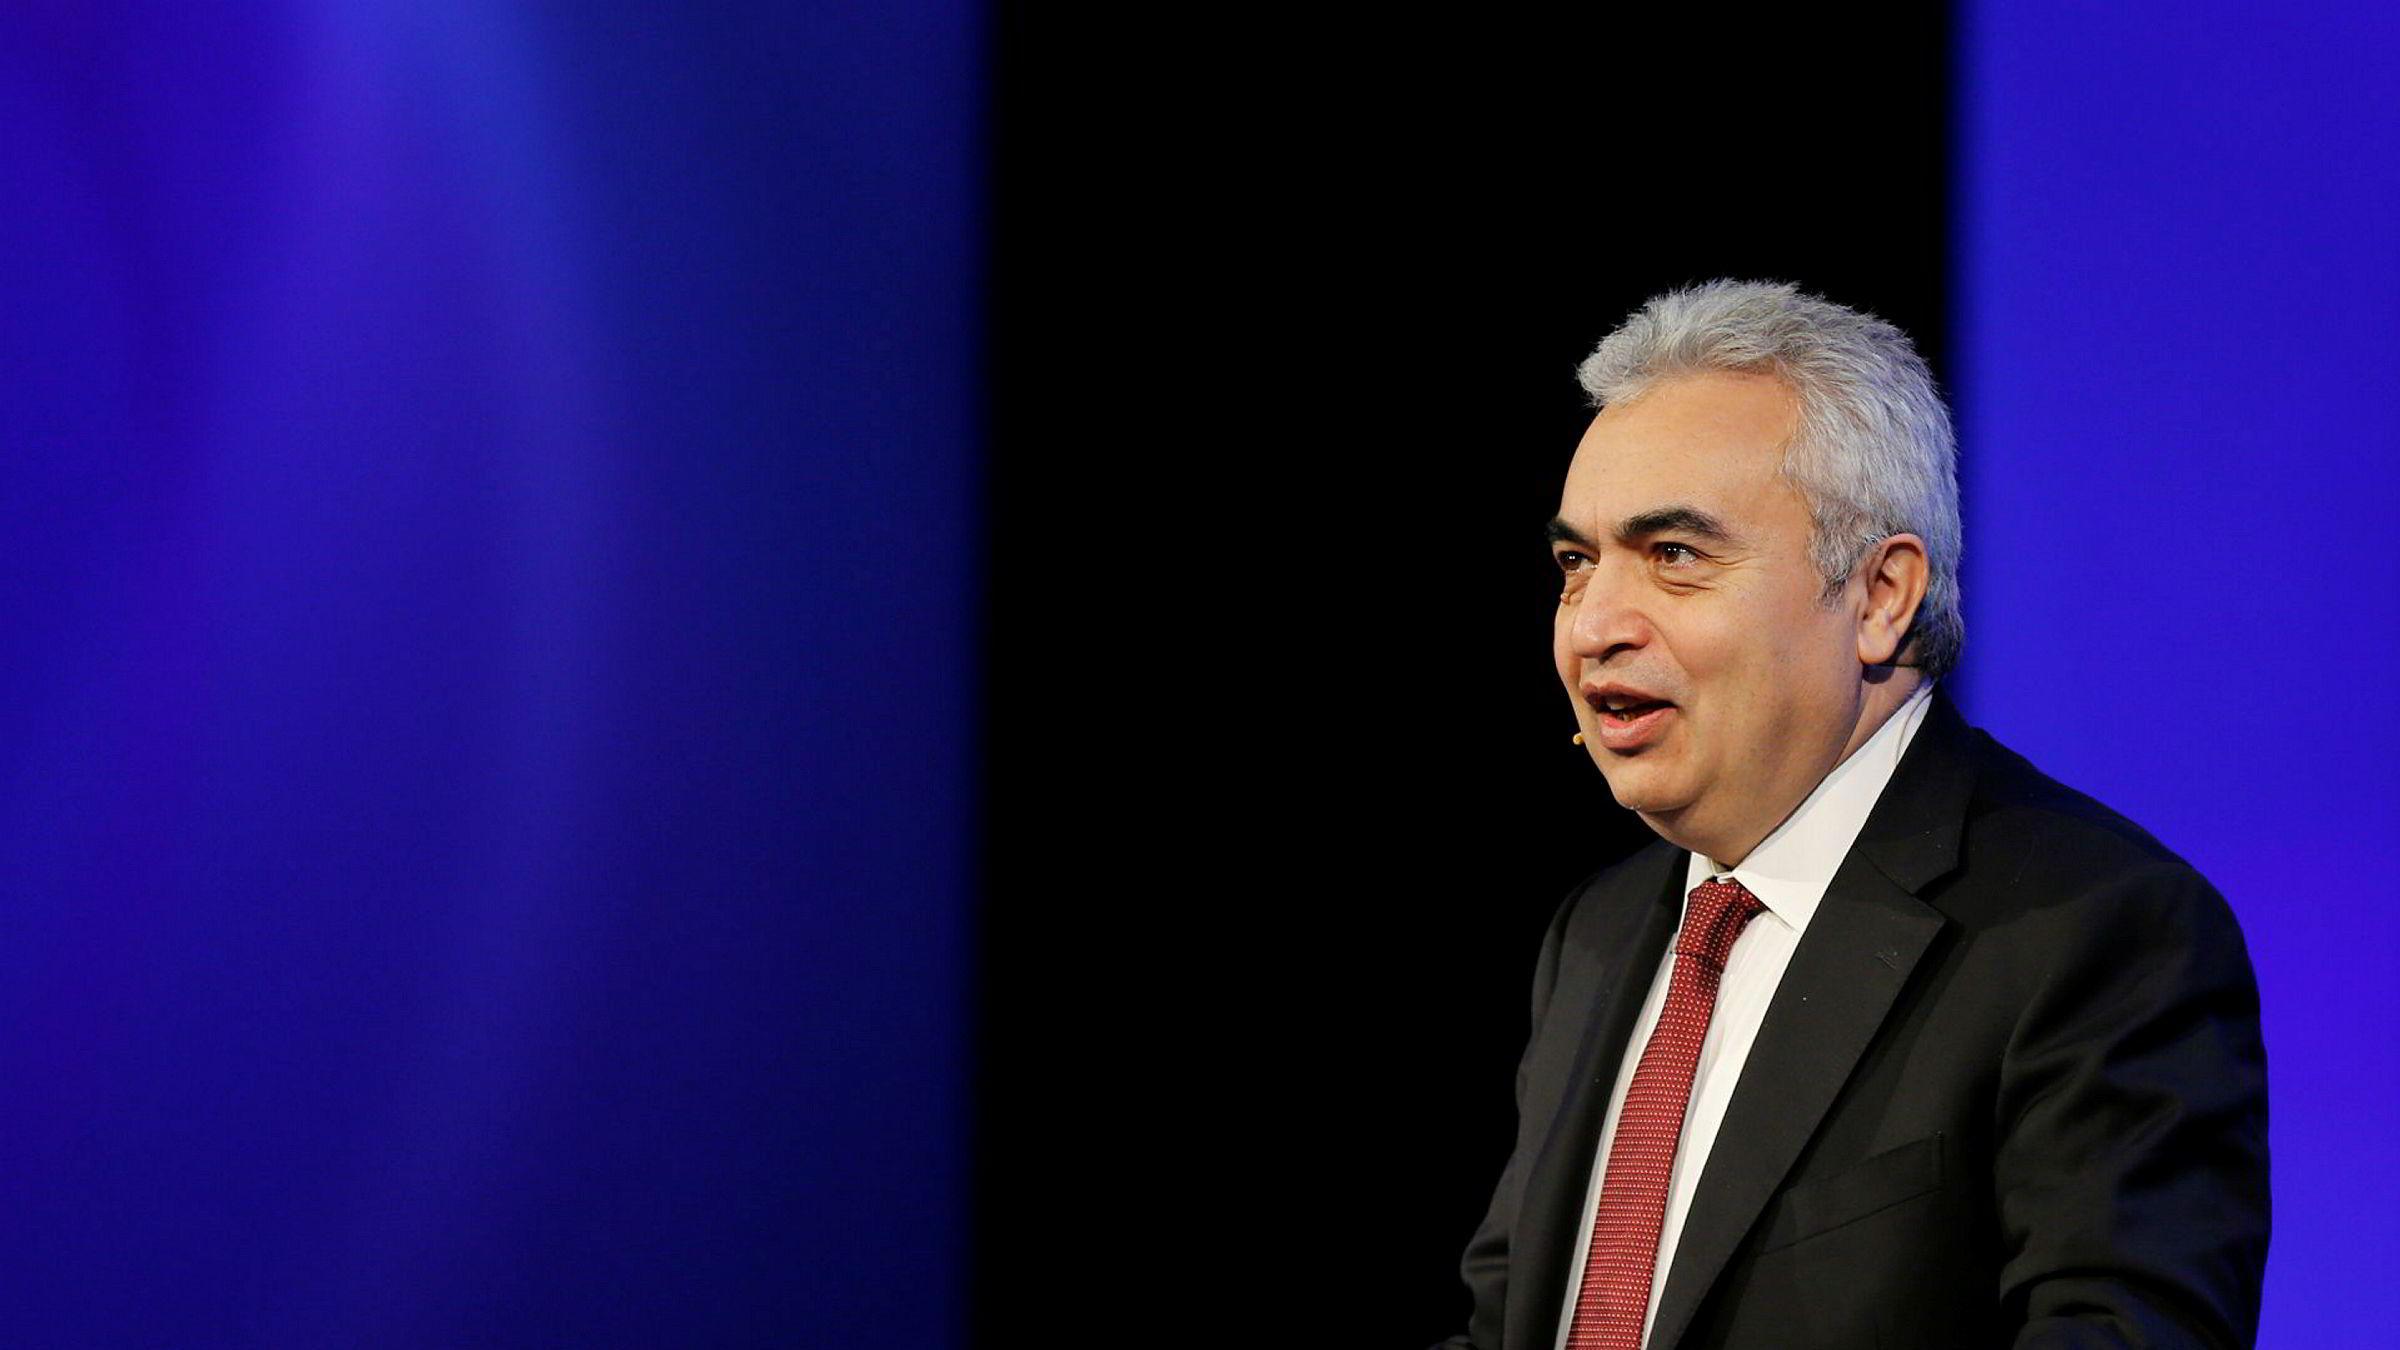 Fatih Birol var tidligere sjef for IEAs analyser. Nå er han sjef for hele byrået. Onsdag la han frem anslag som viser vekst i oljeetterspørselen neste år.